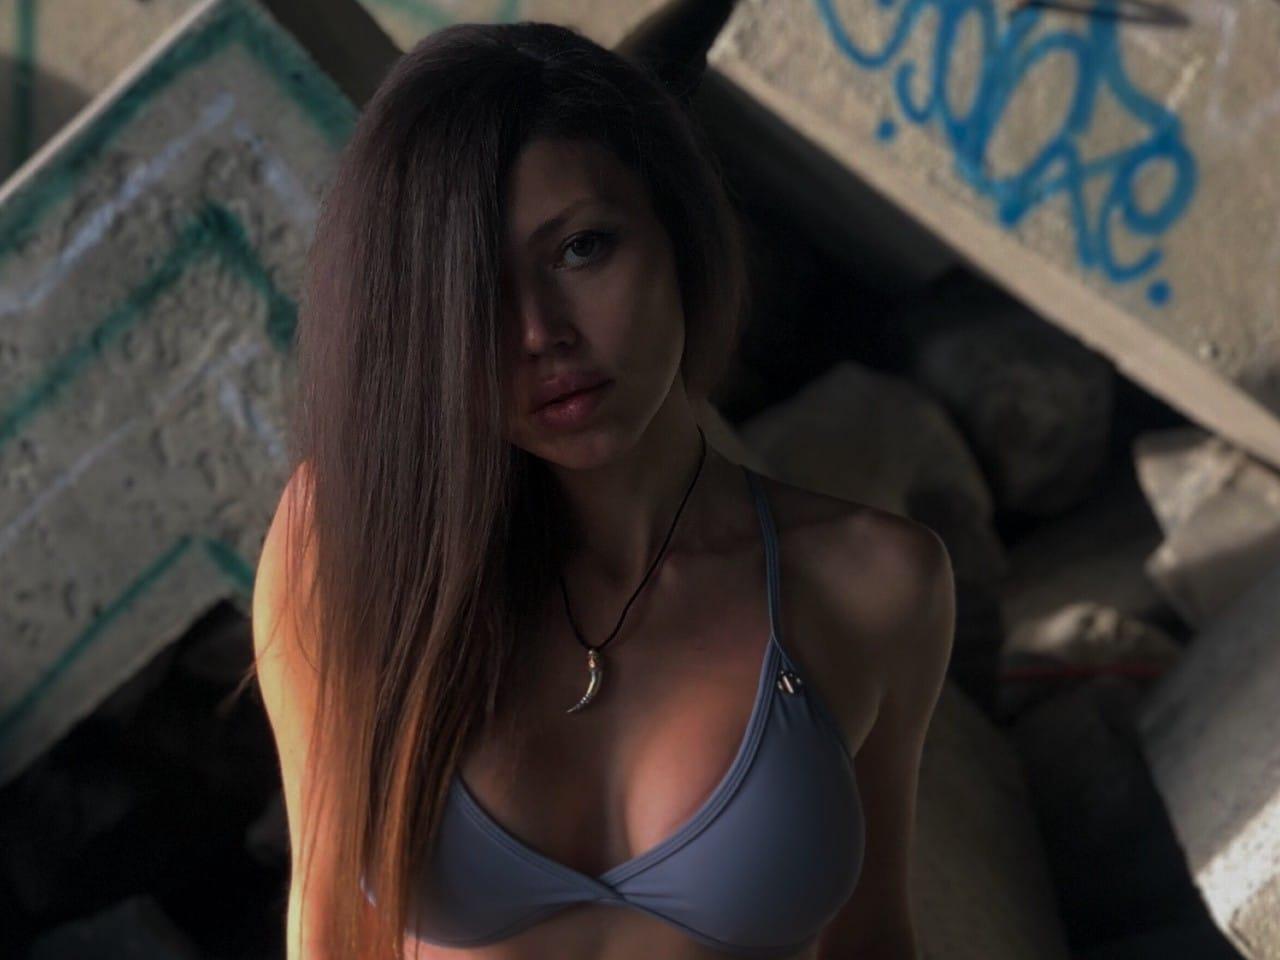 Sexo en la calle, peligros